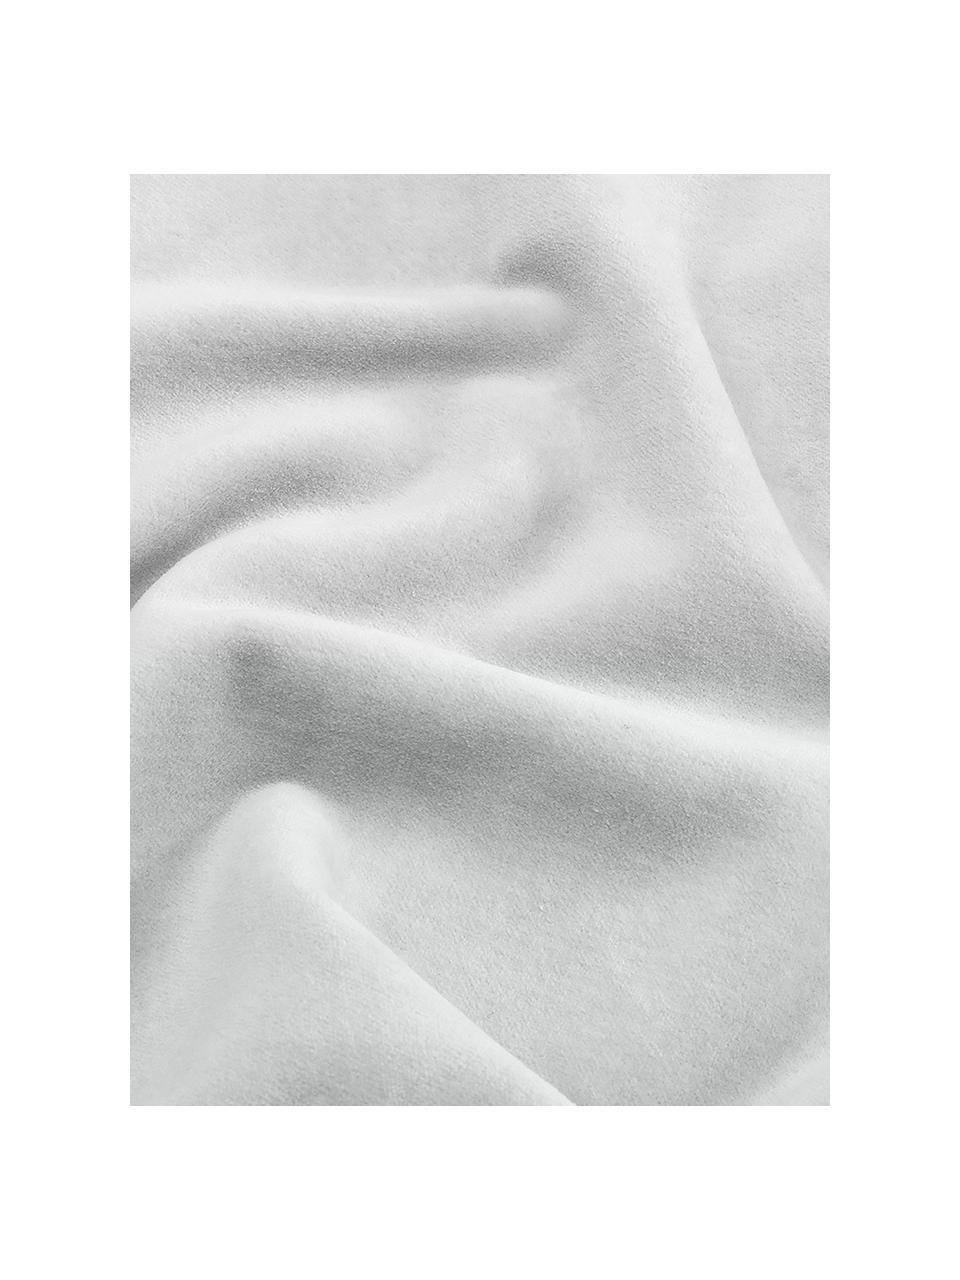 Einfarbige Samt-Kissenhülle Dana in Hellgrau, 100% Baumwollsamt, Hellgrau, 40 x 40 cm